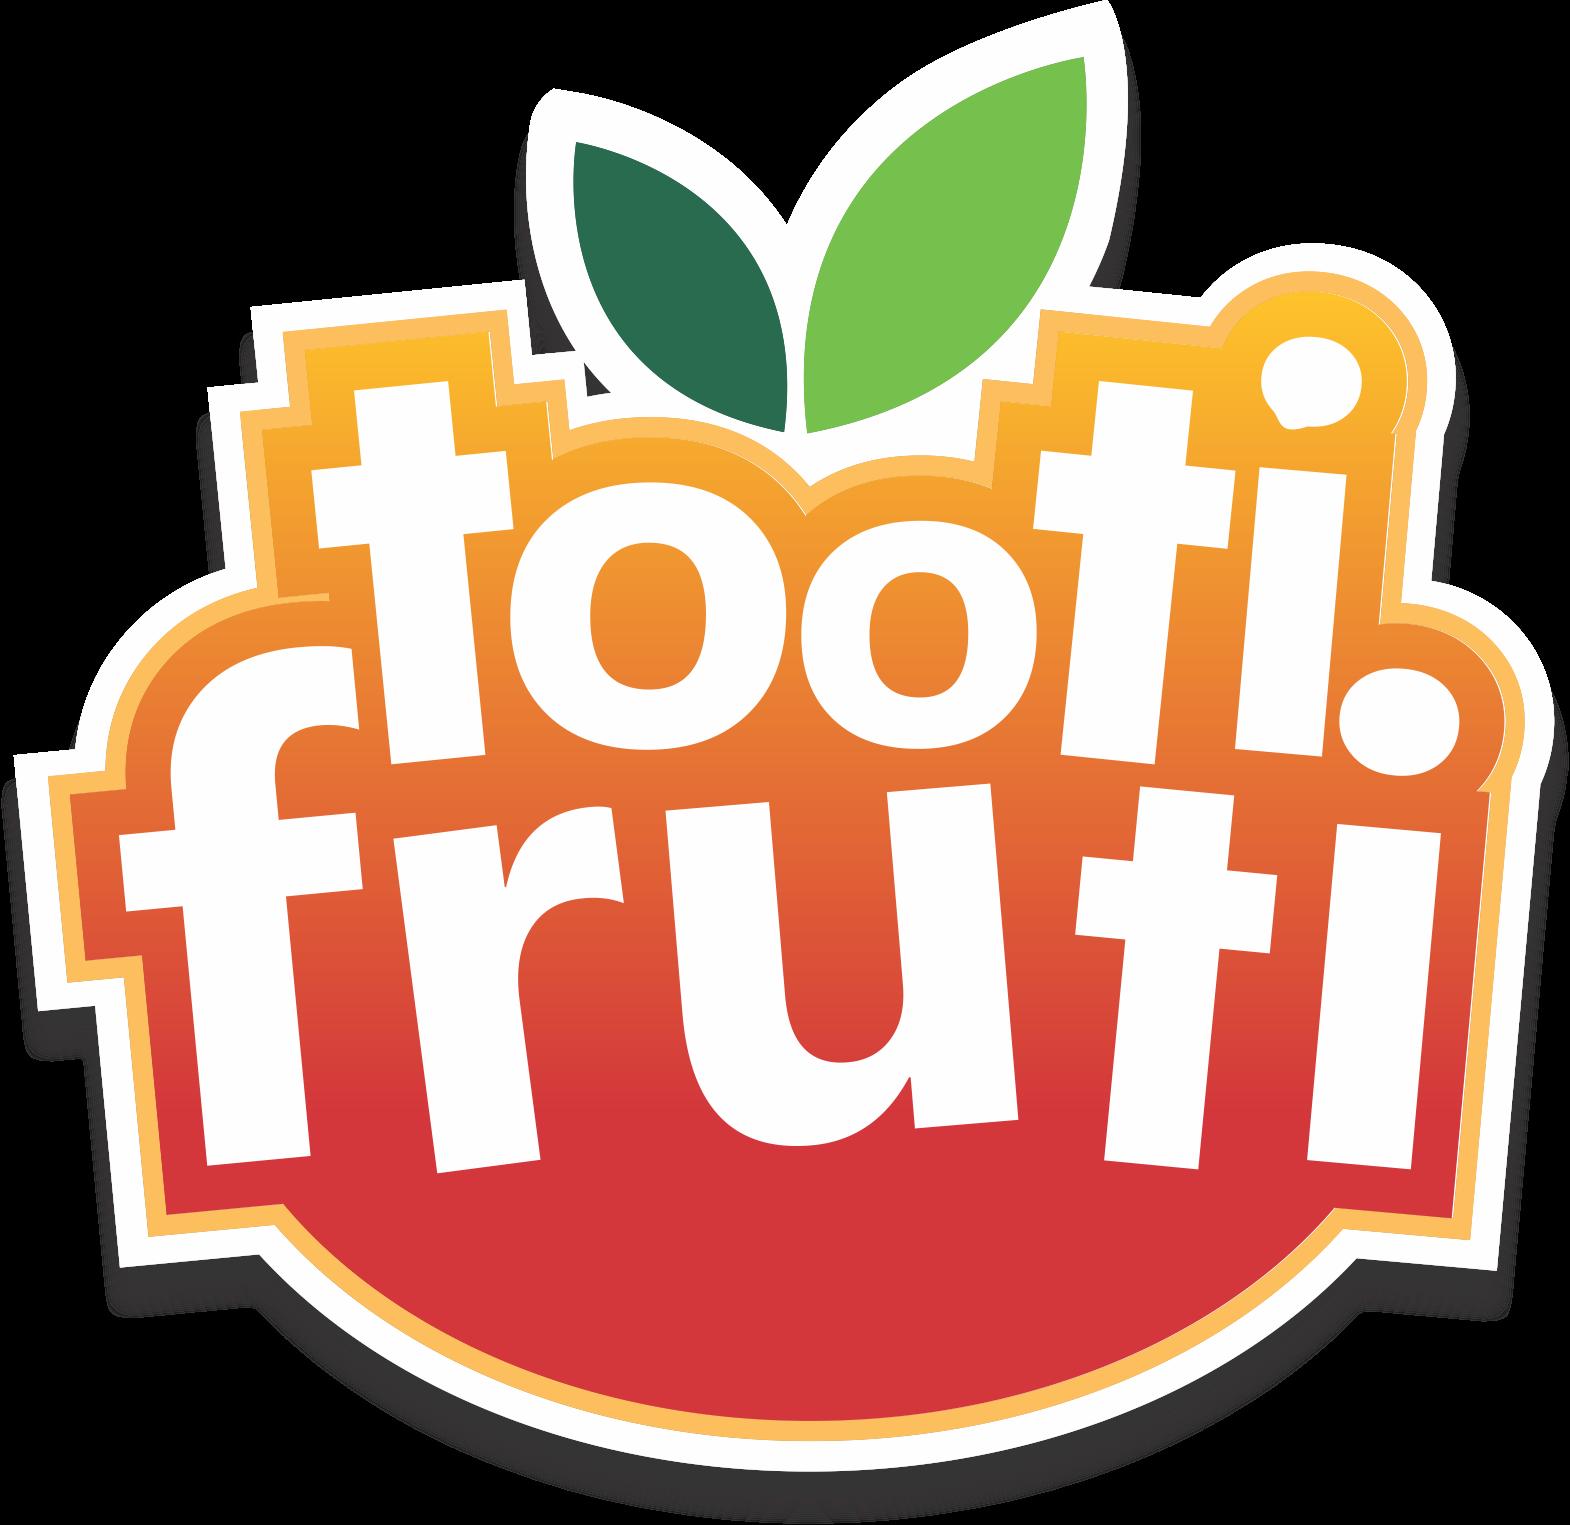 Tooti Fruti